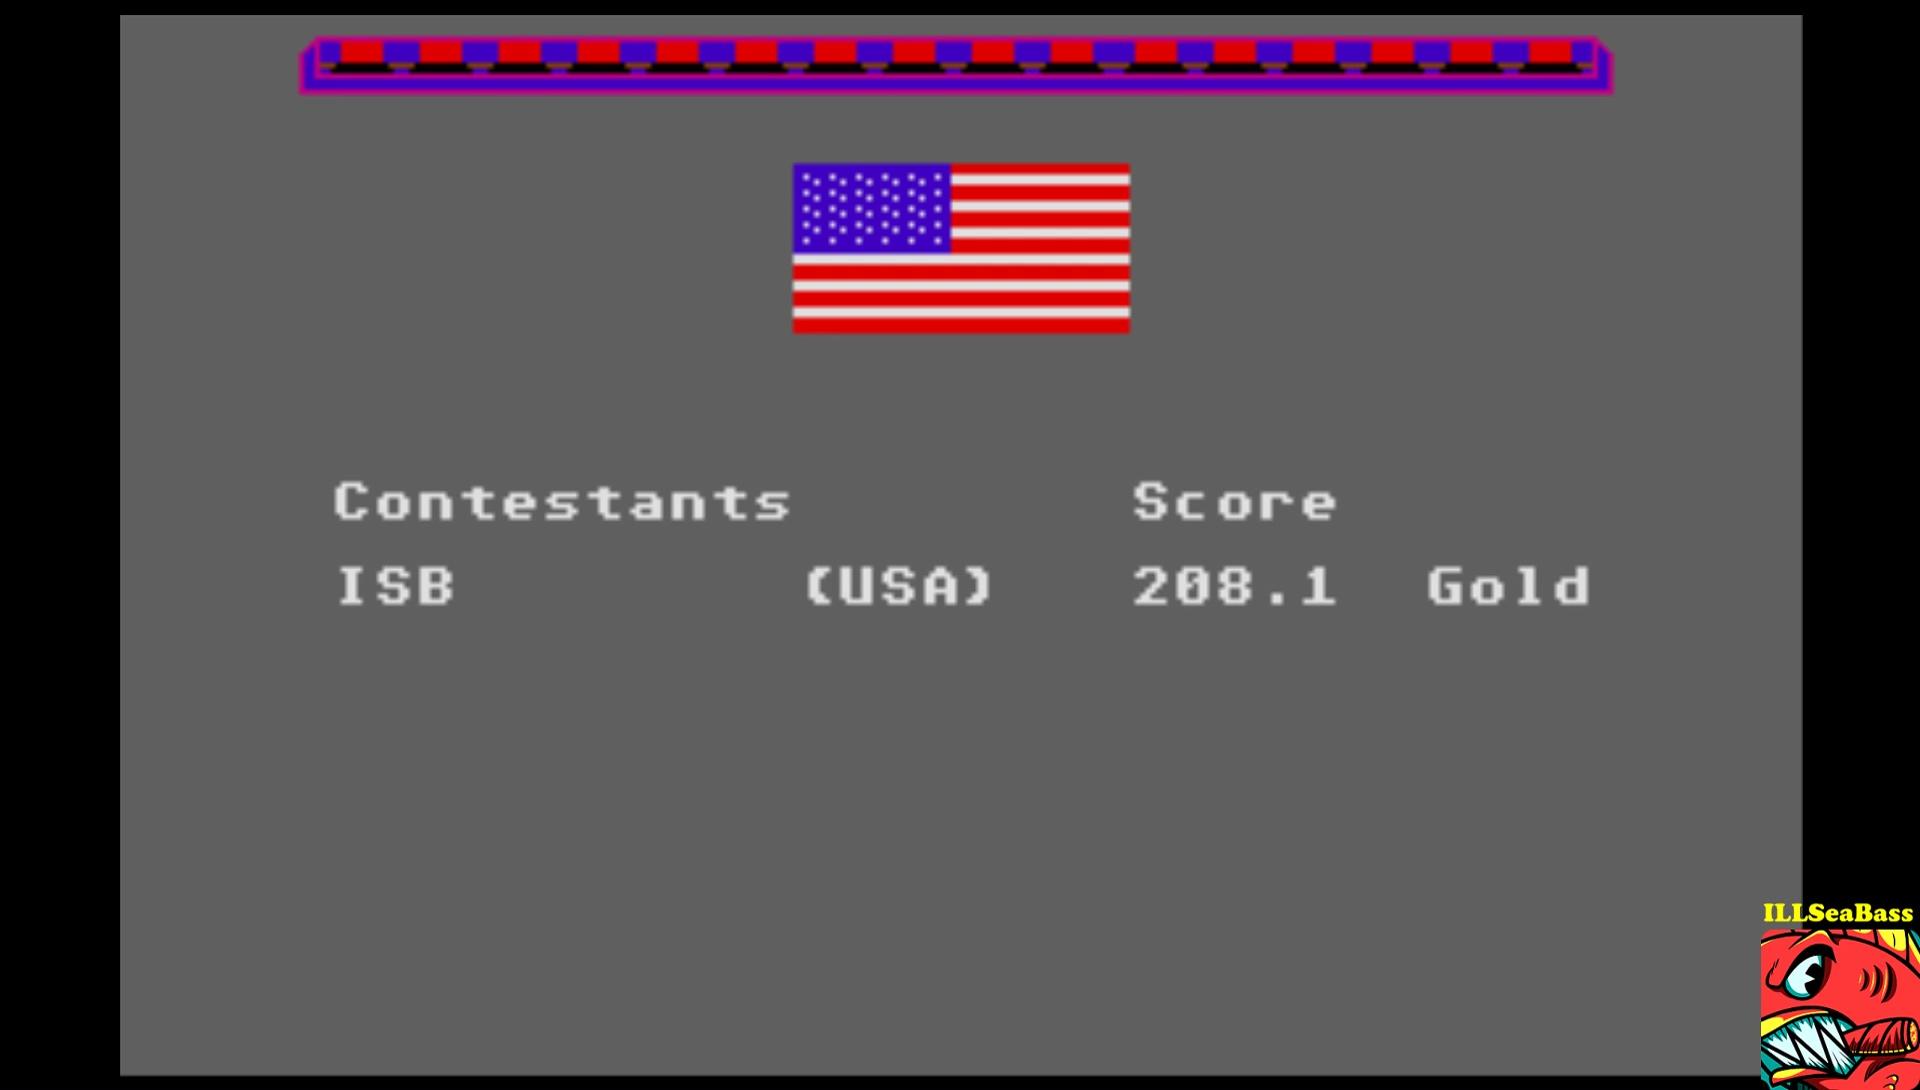 ILLSeaBass: Winter Games: Ski Jump (Atari ST Emulated) 2,081 points on 2017-03-04 16:59:36